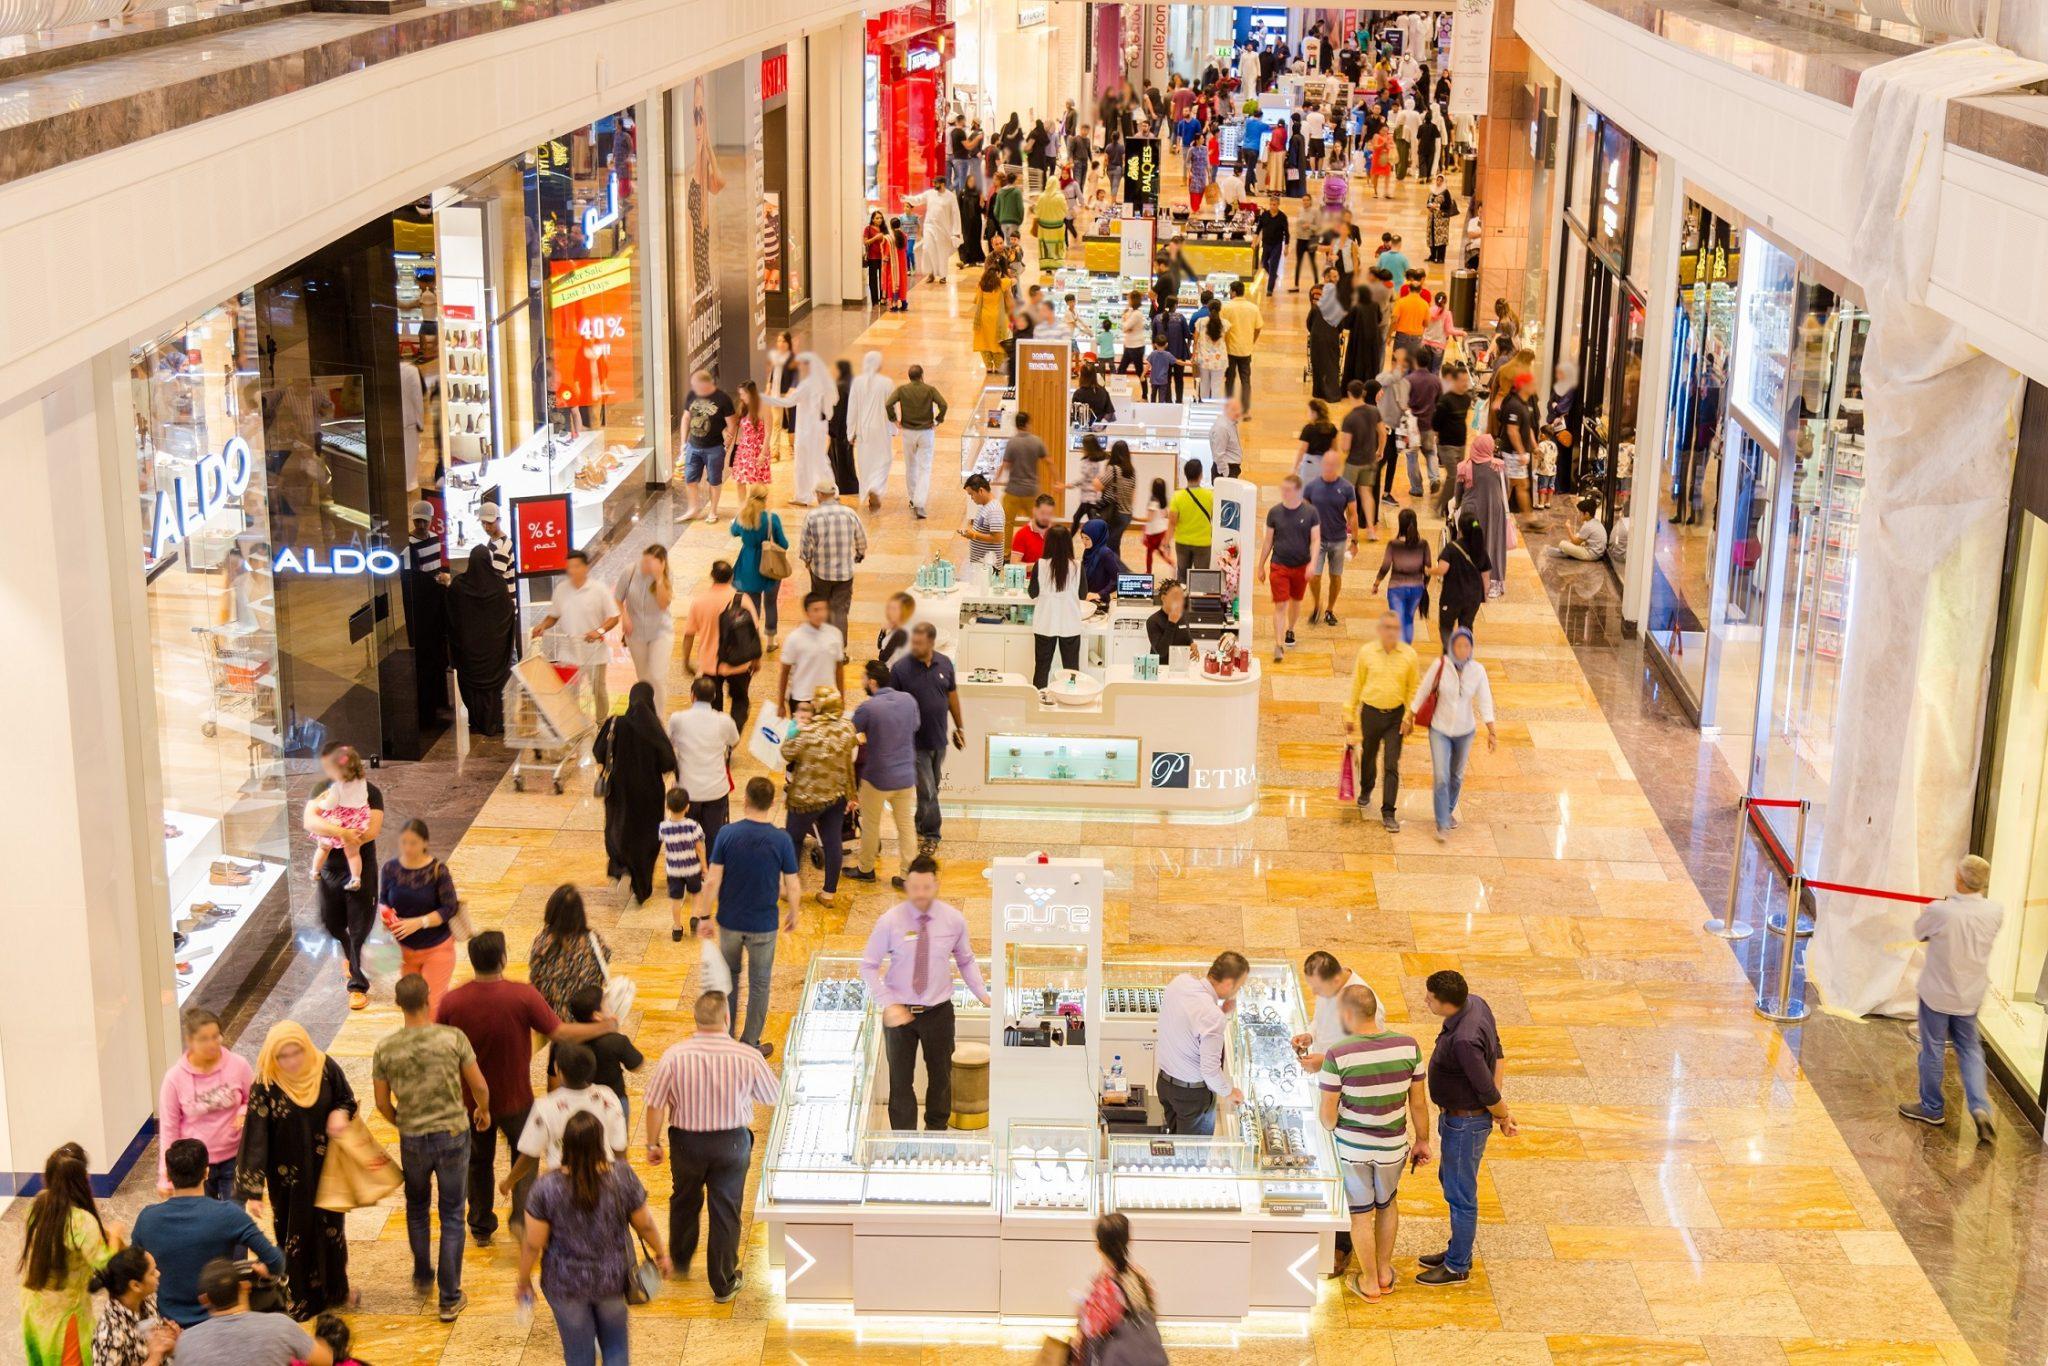 أبرز تخفيضات الجمعة البيضاء في دبي فستيفال سيتي مول